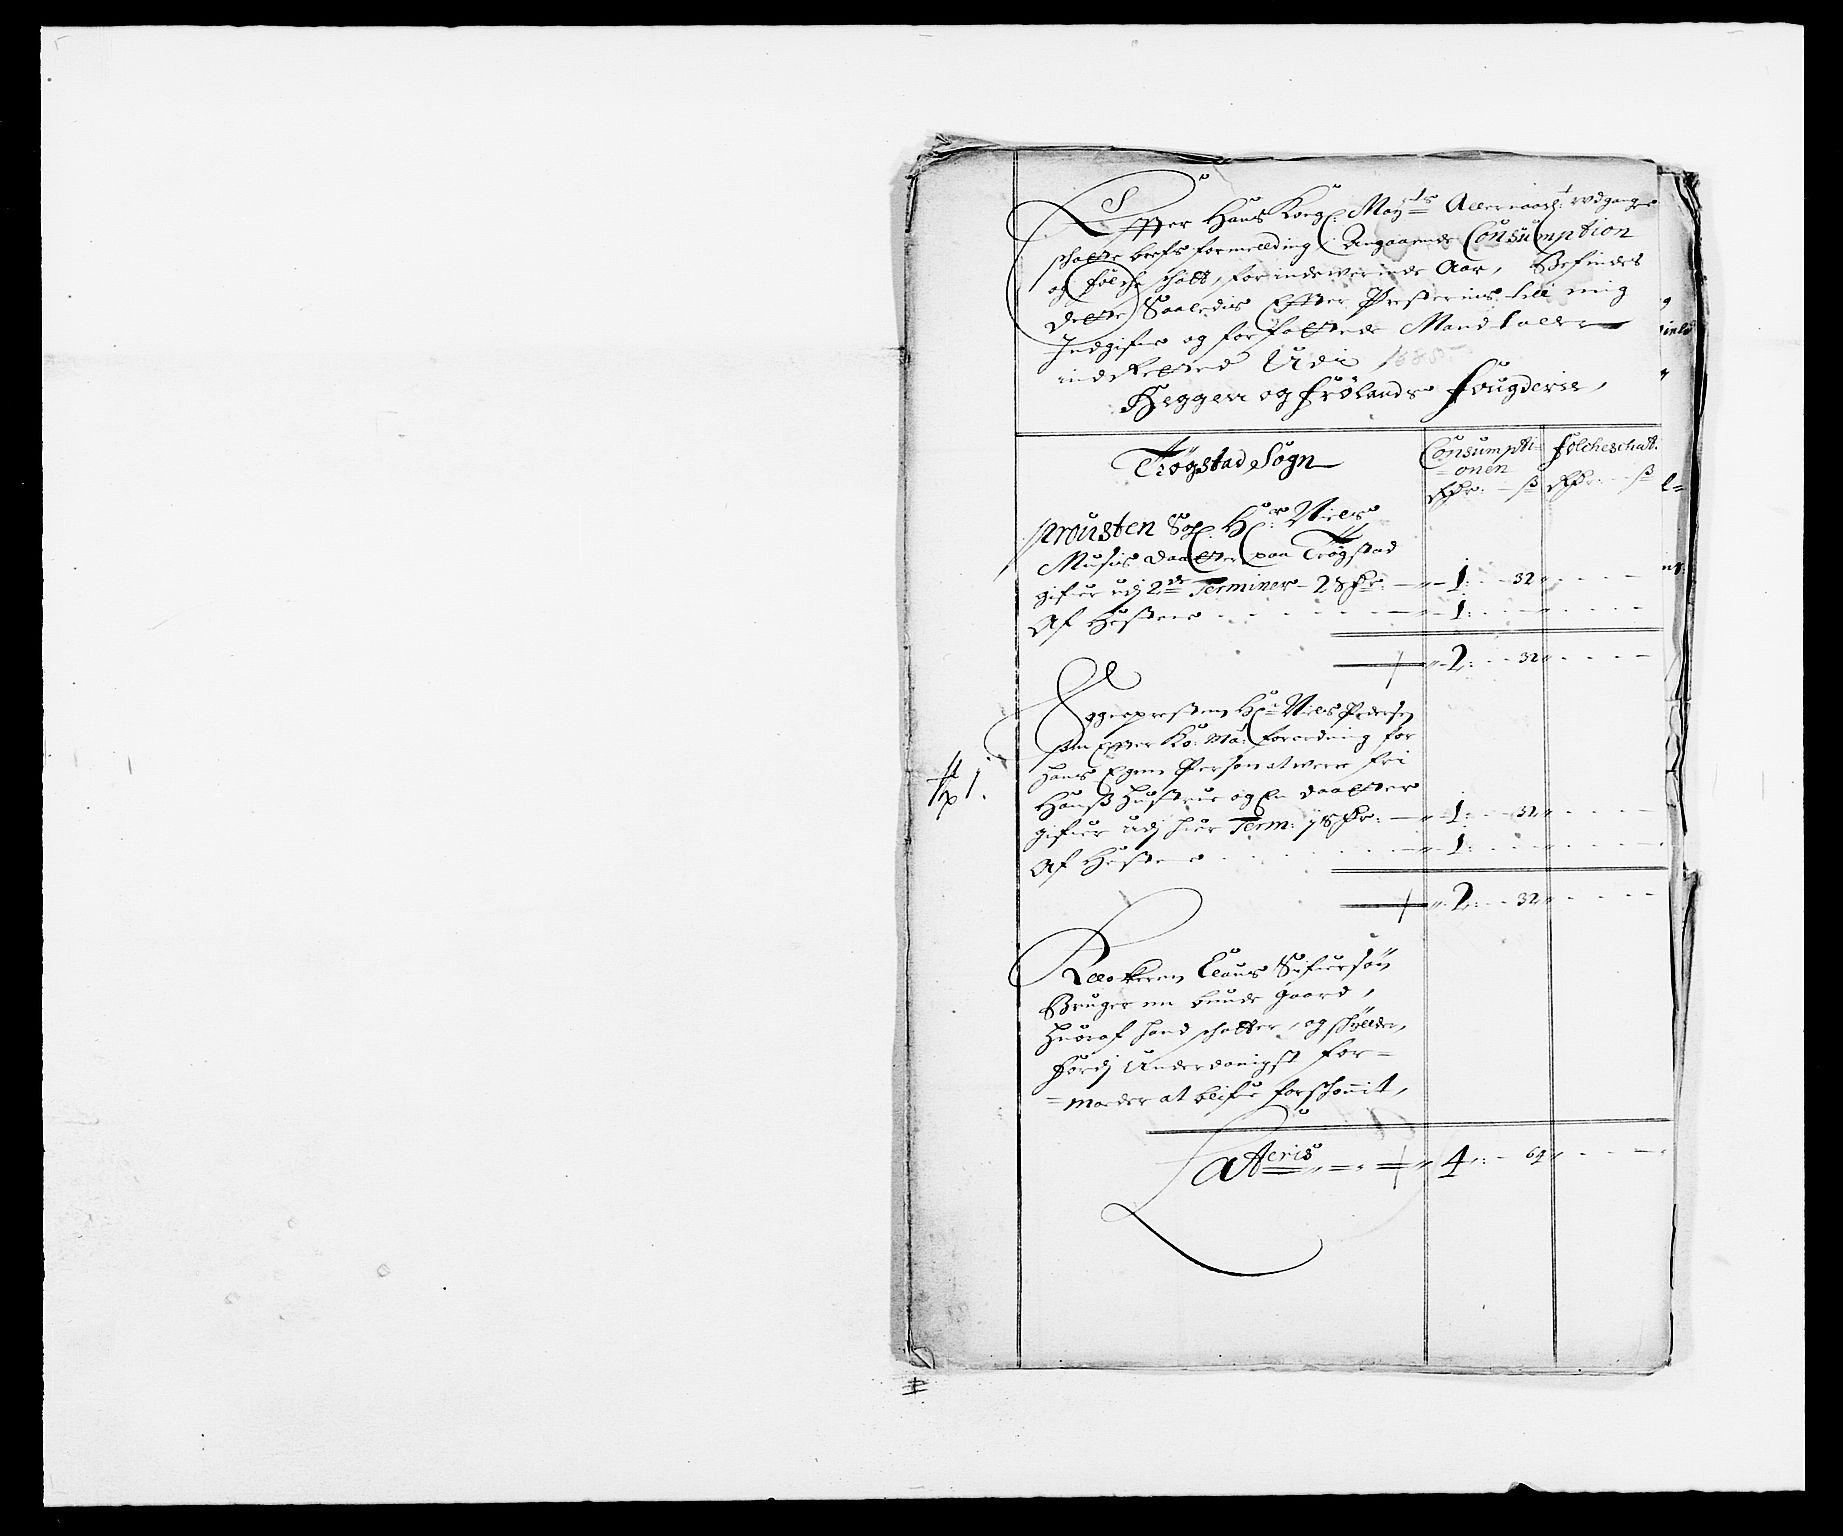 RA, Rentekammeret inntil 1814, Reviderte regnskaper, Fogderegnskap, R06/L0281: Fogderegnskap Heggen og Frøland, 1678-1686, s. 50